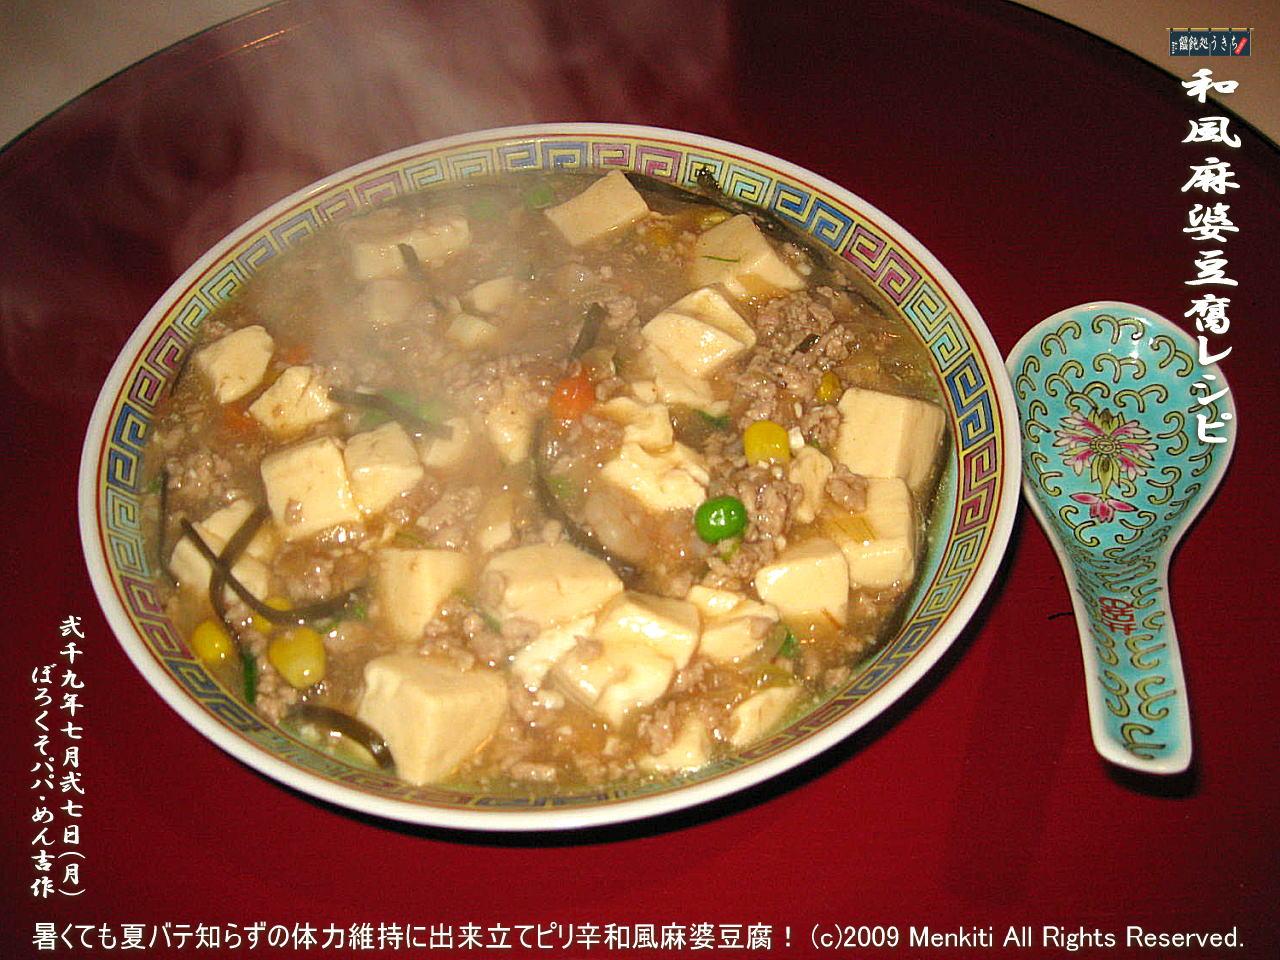 麻婆豆腐の画像 p1_40